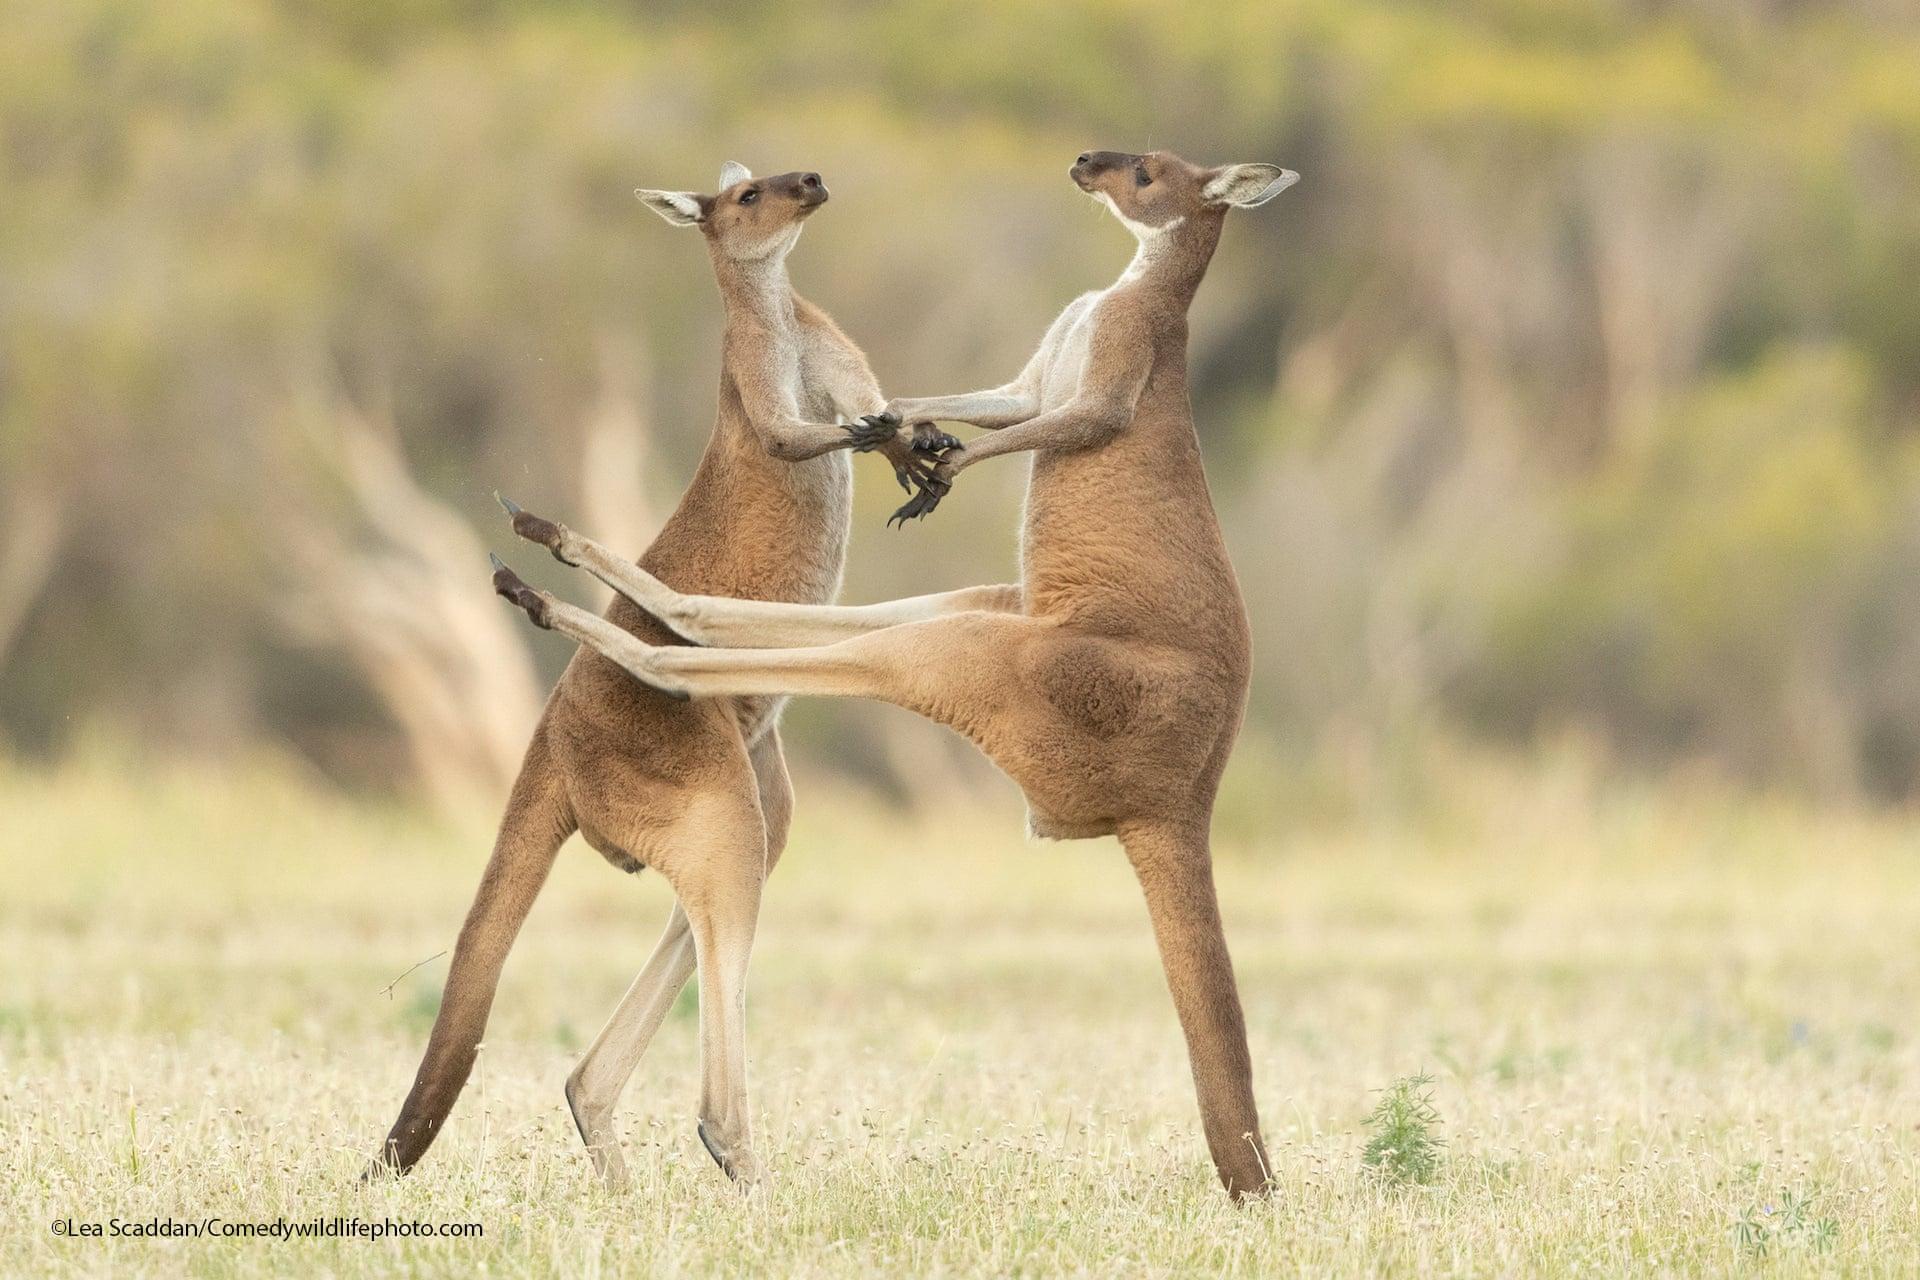 Γκρίζα καγκουρό στην «Αγρια Δύση» του Περθ, στην Αυστραλία